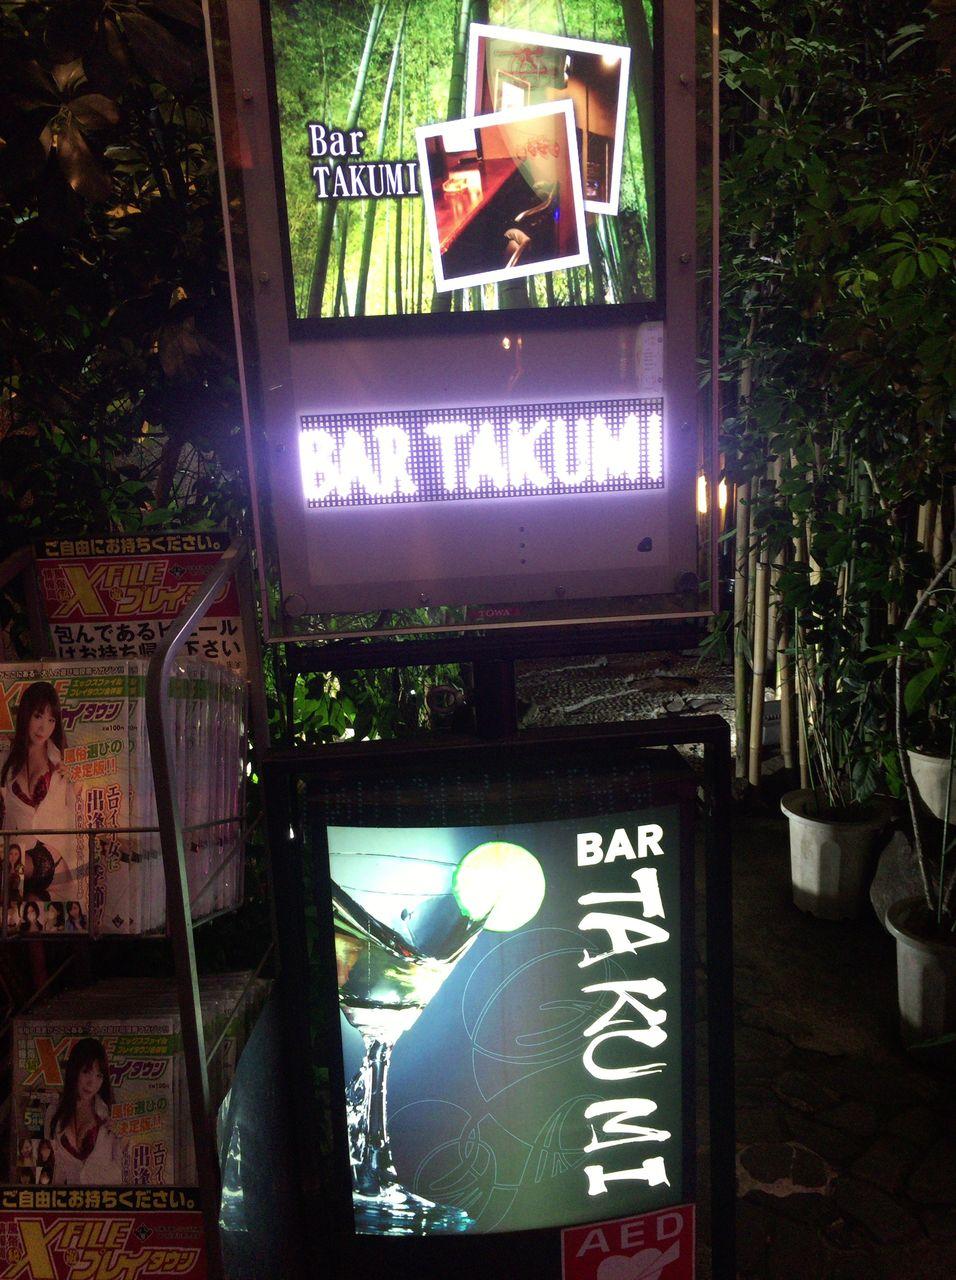 Bar TAKUMI